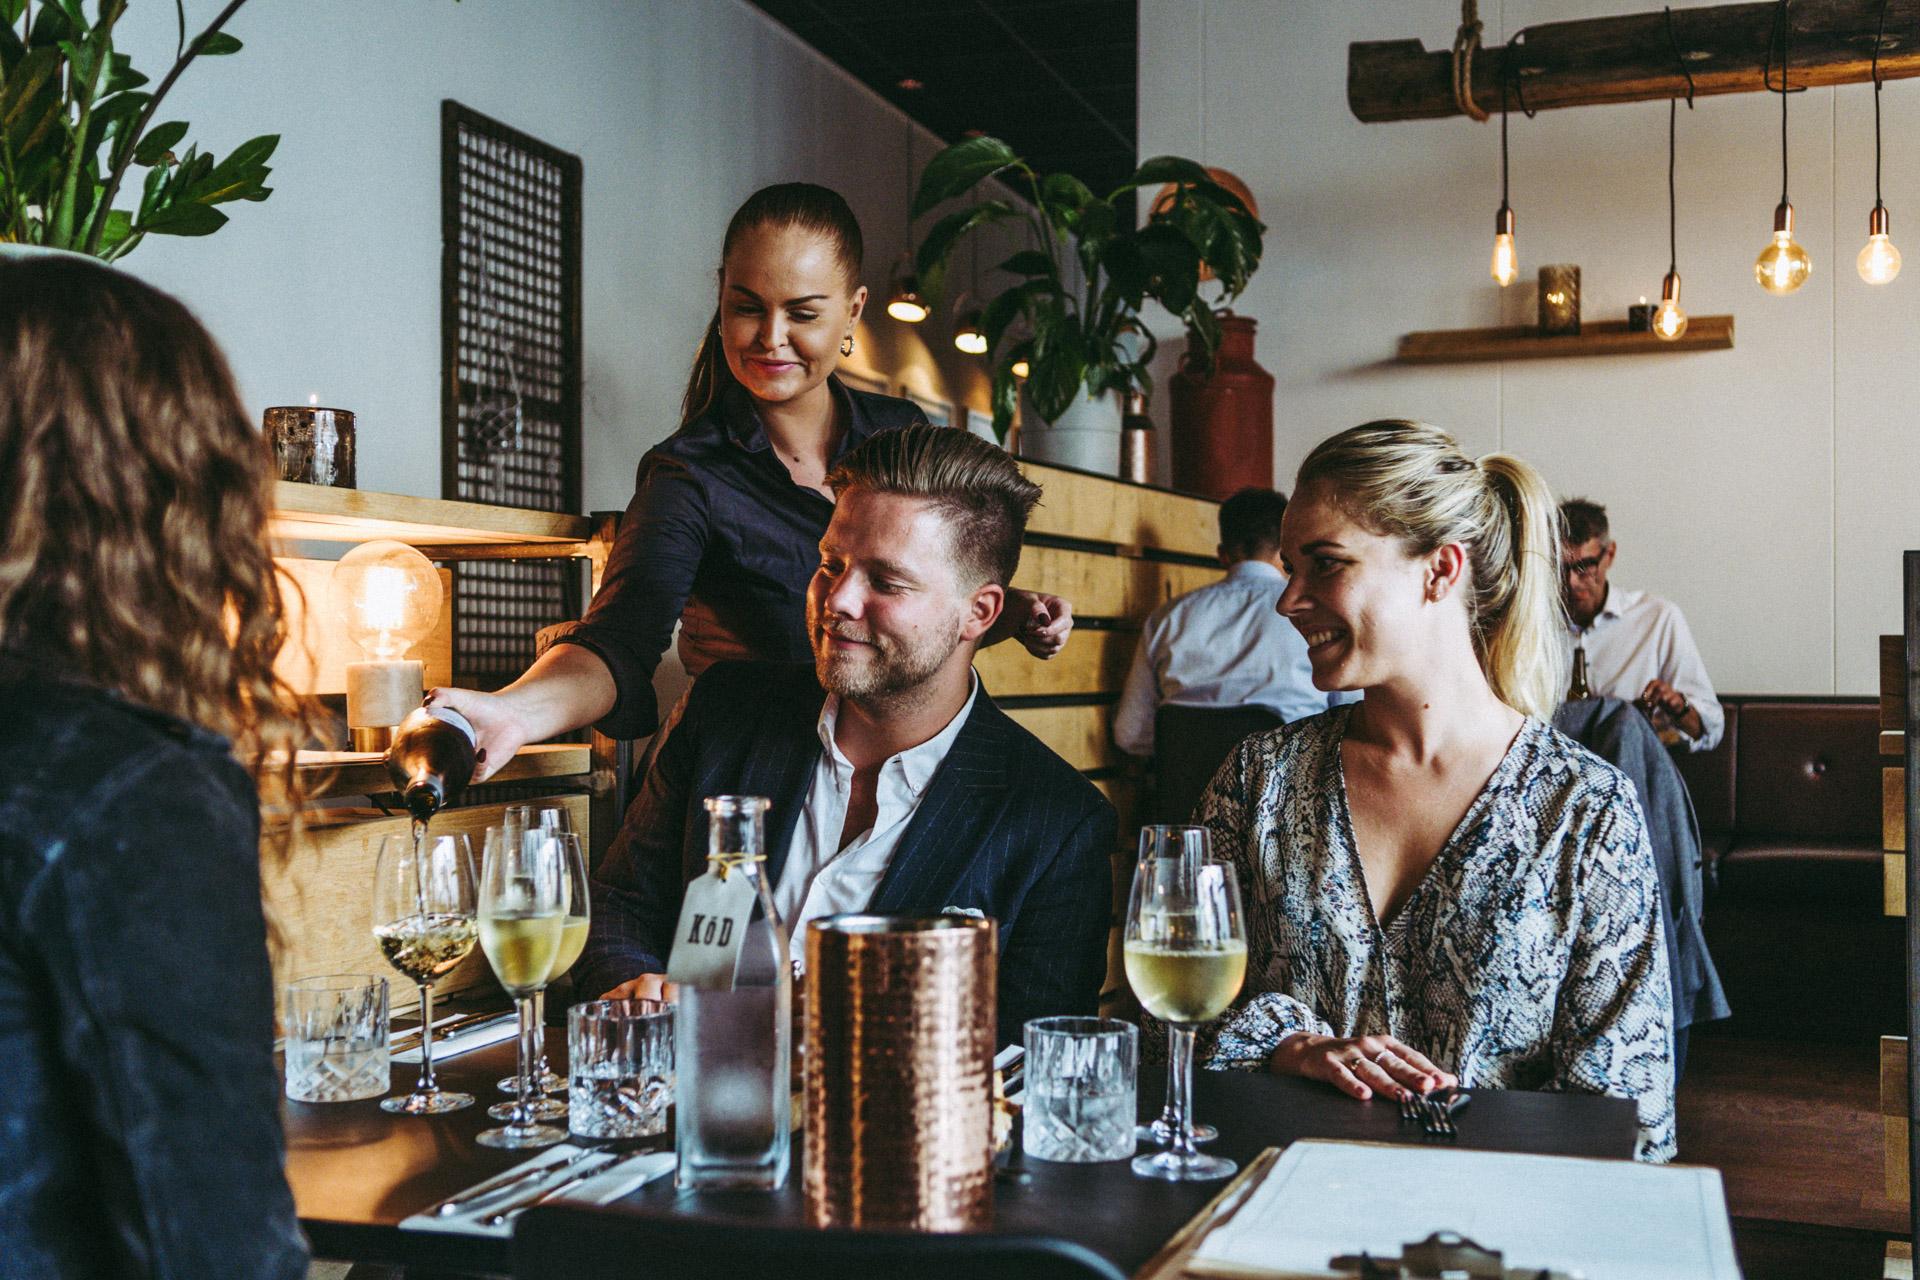 Årets julegave: 50% rabat på julegavekort til restaurantoplevelser